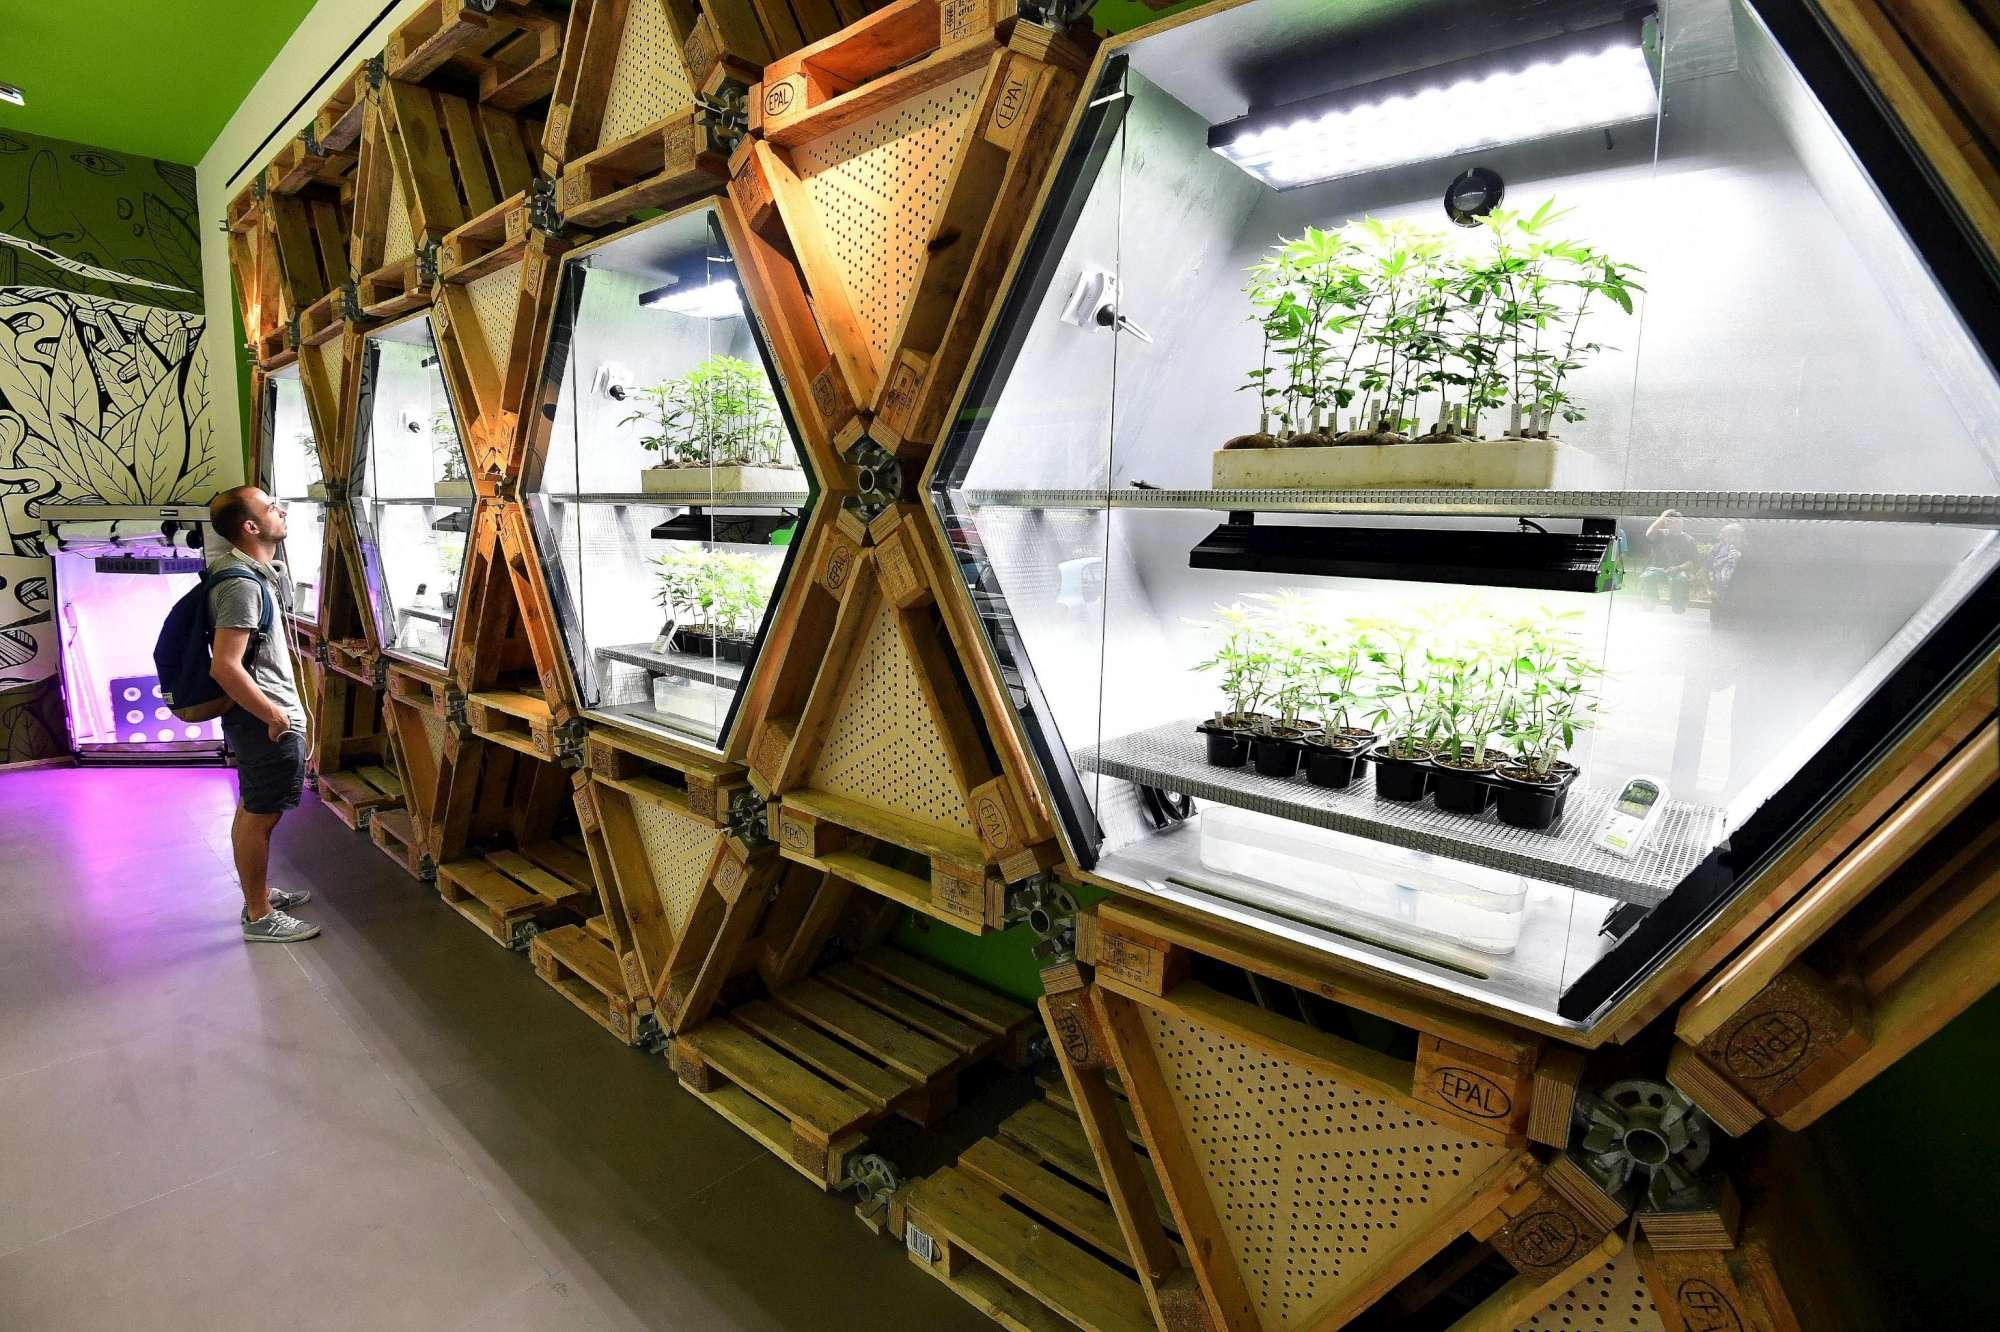 Milano, aperto il primo negozio che vende cannabis